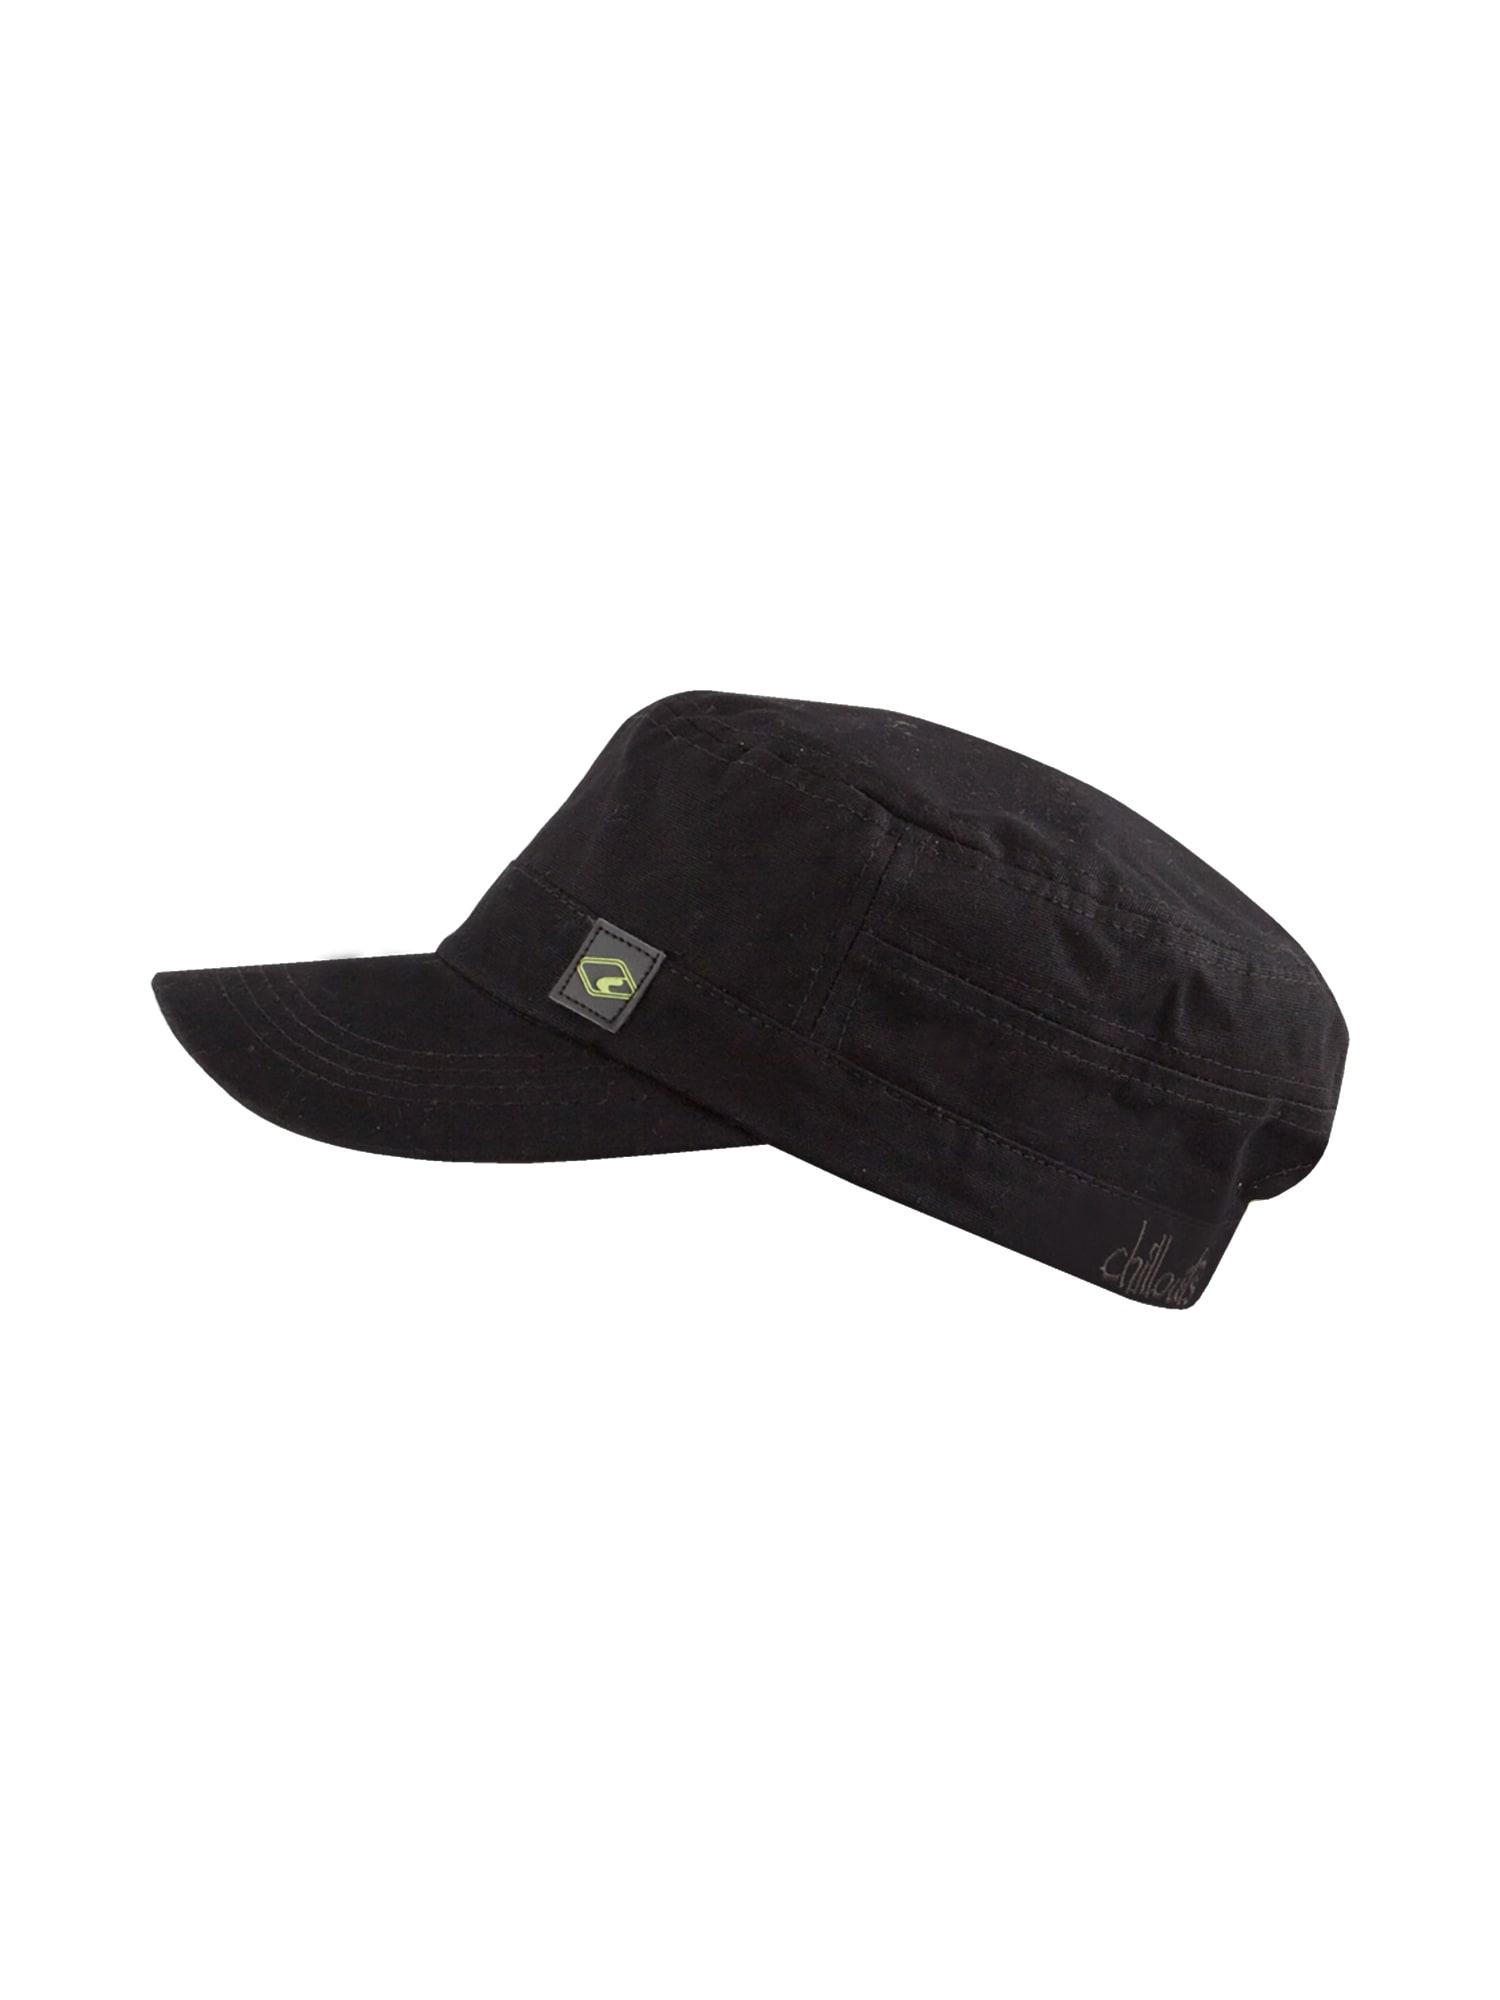 Klobouk El Paso Hat černá Chillouts